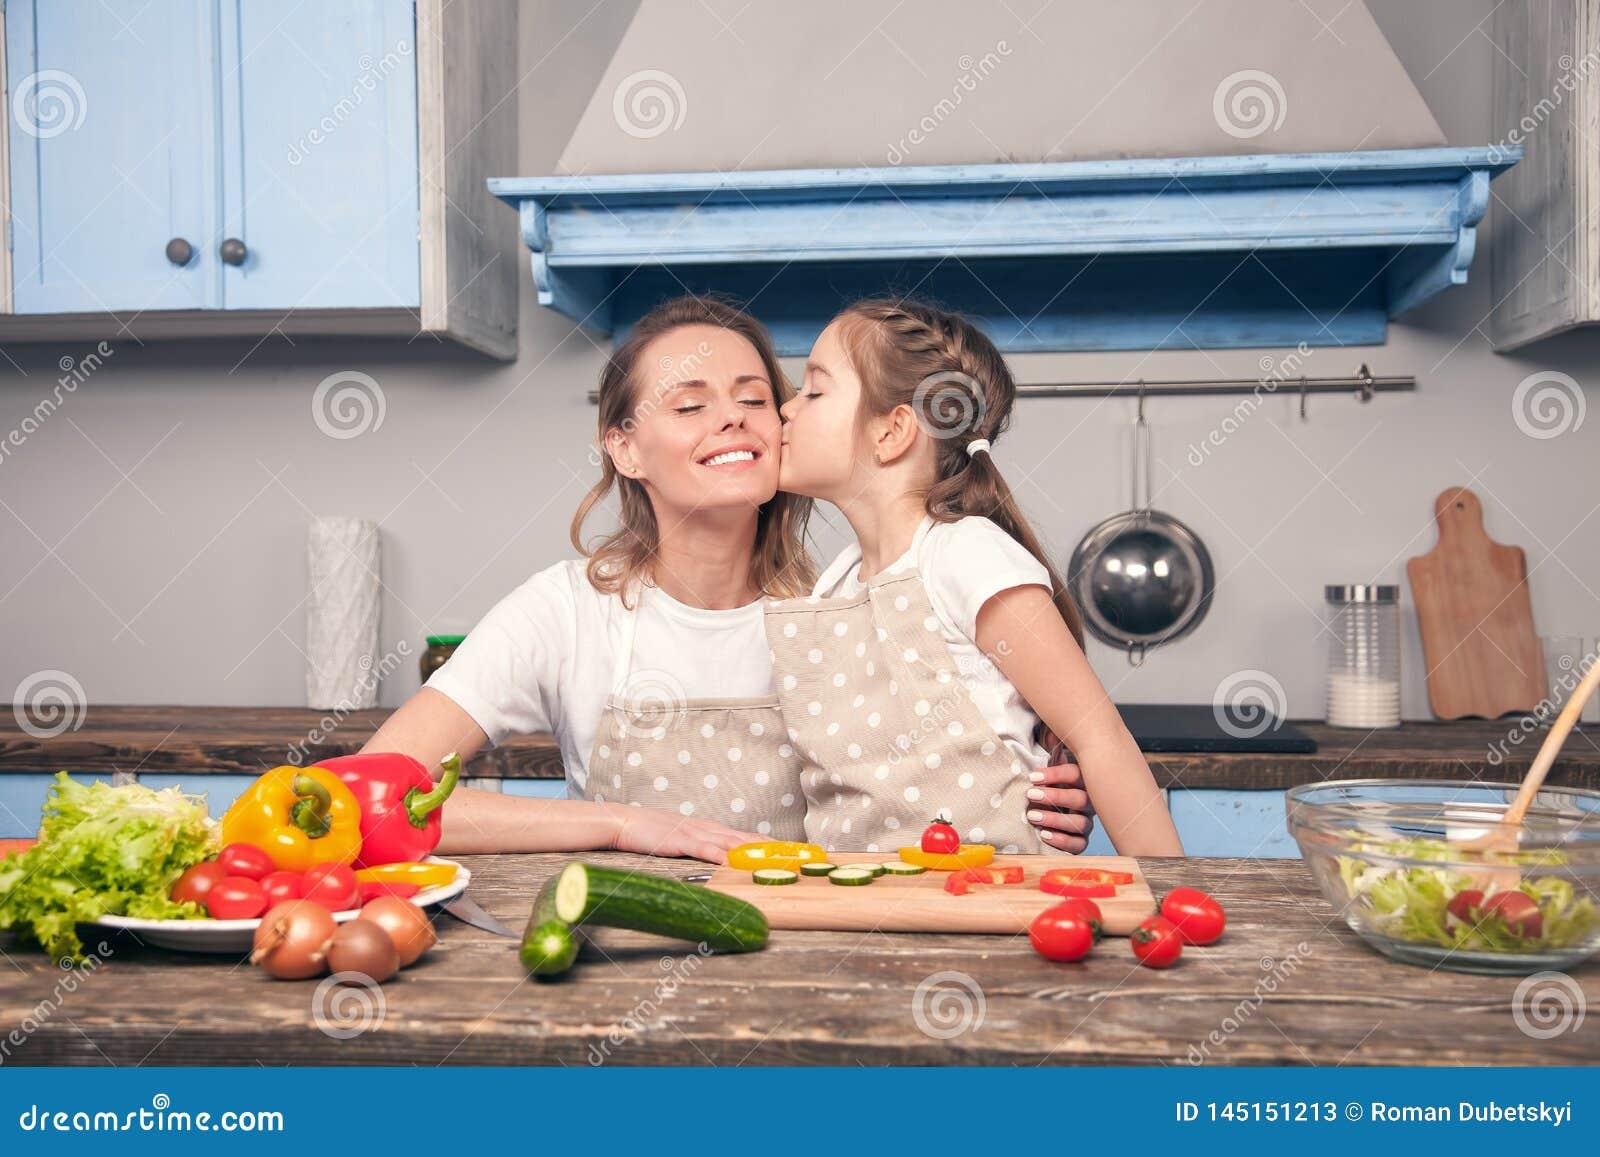 La hija linda besa a la mamá en su mejilla mientras que cocina en una cocina azul hermosa